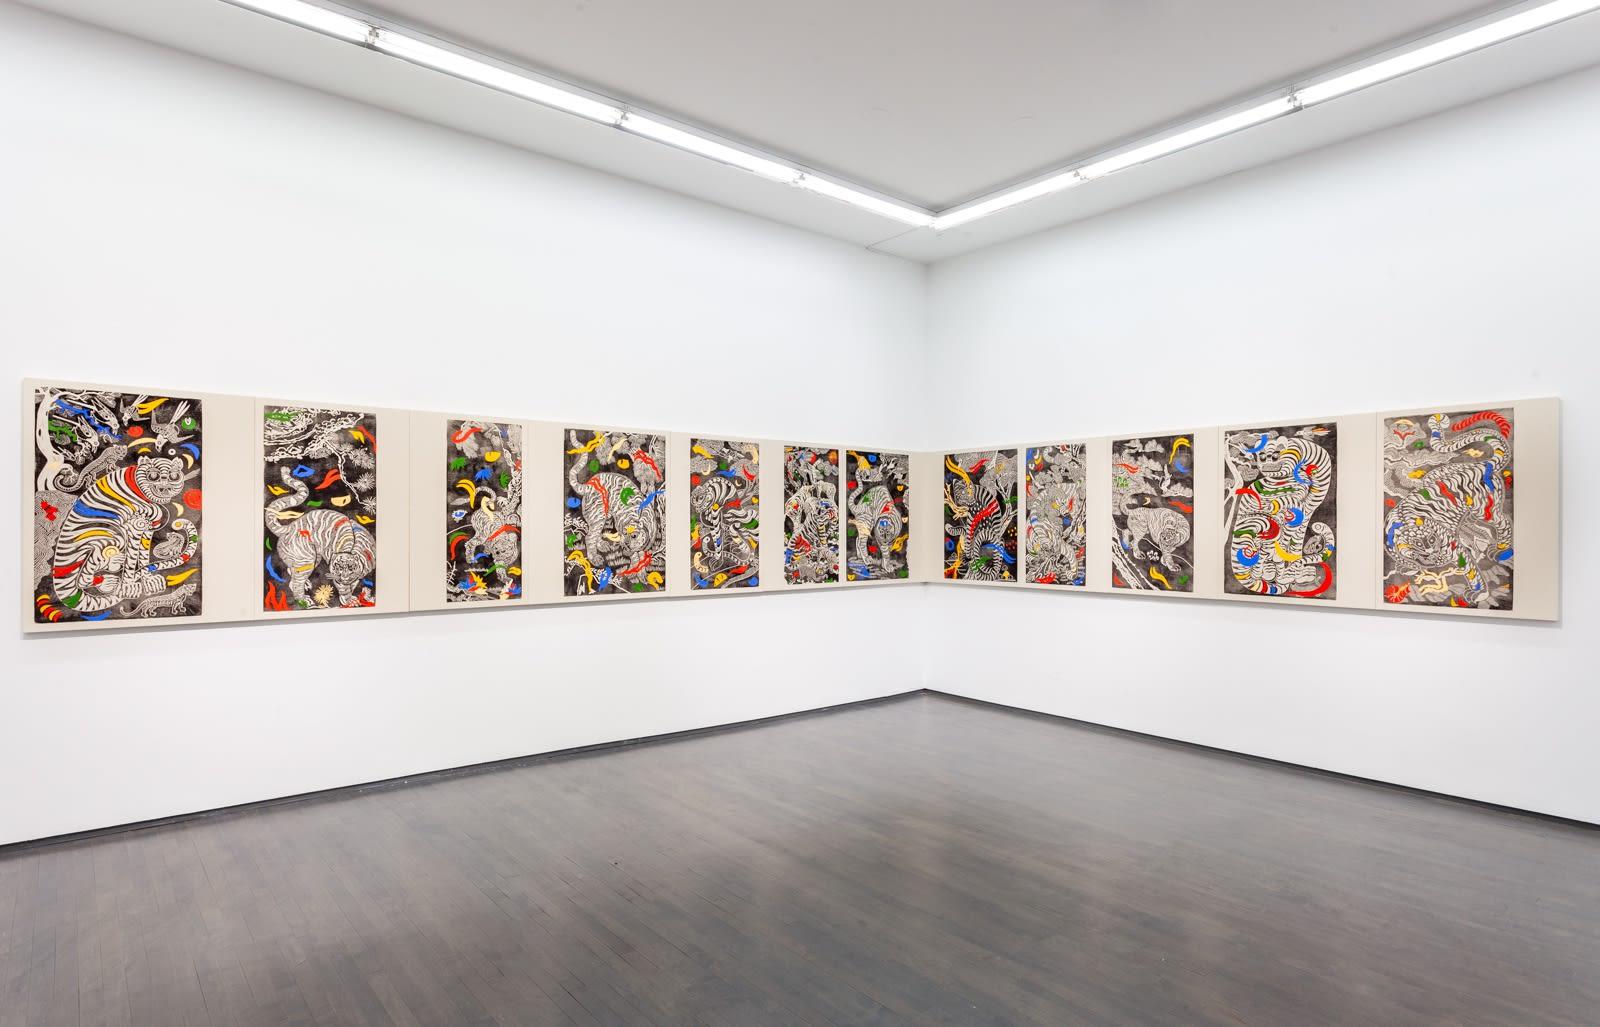 Kour Pour, Familiar Spirits, 2021, (Installation View), Kavi Gupta | 835 W. Washington Blvd.